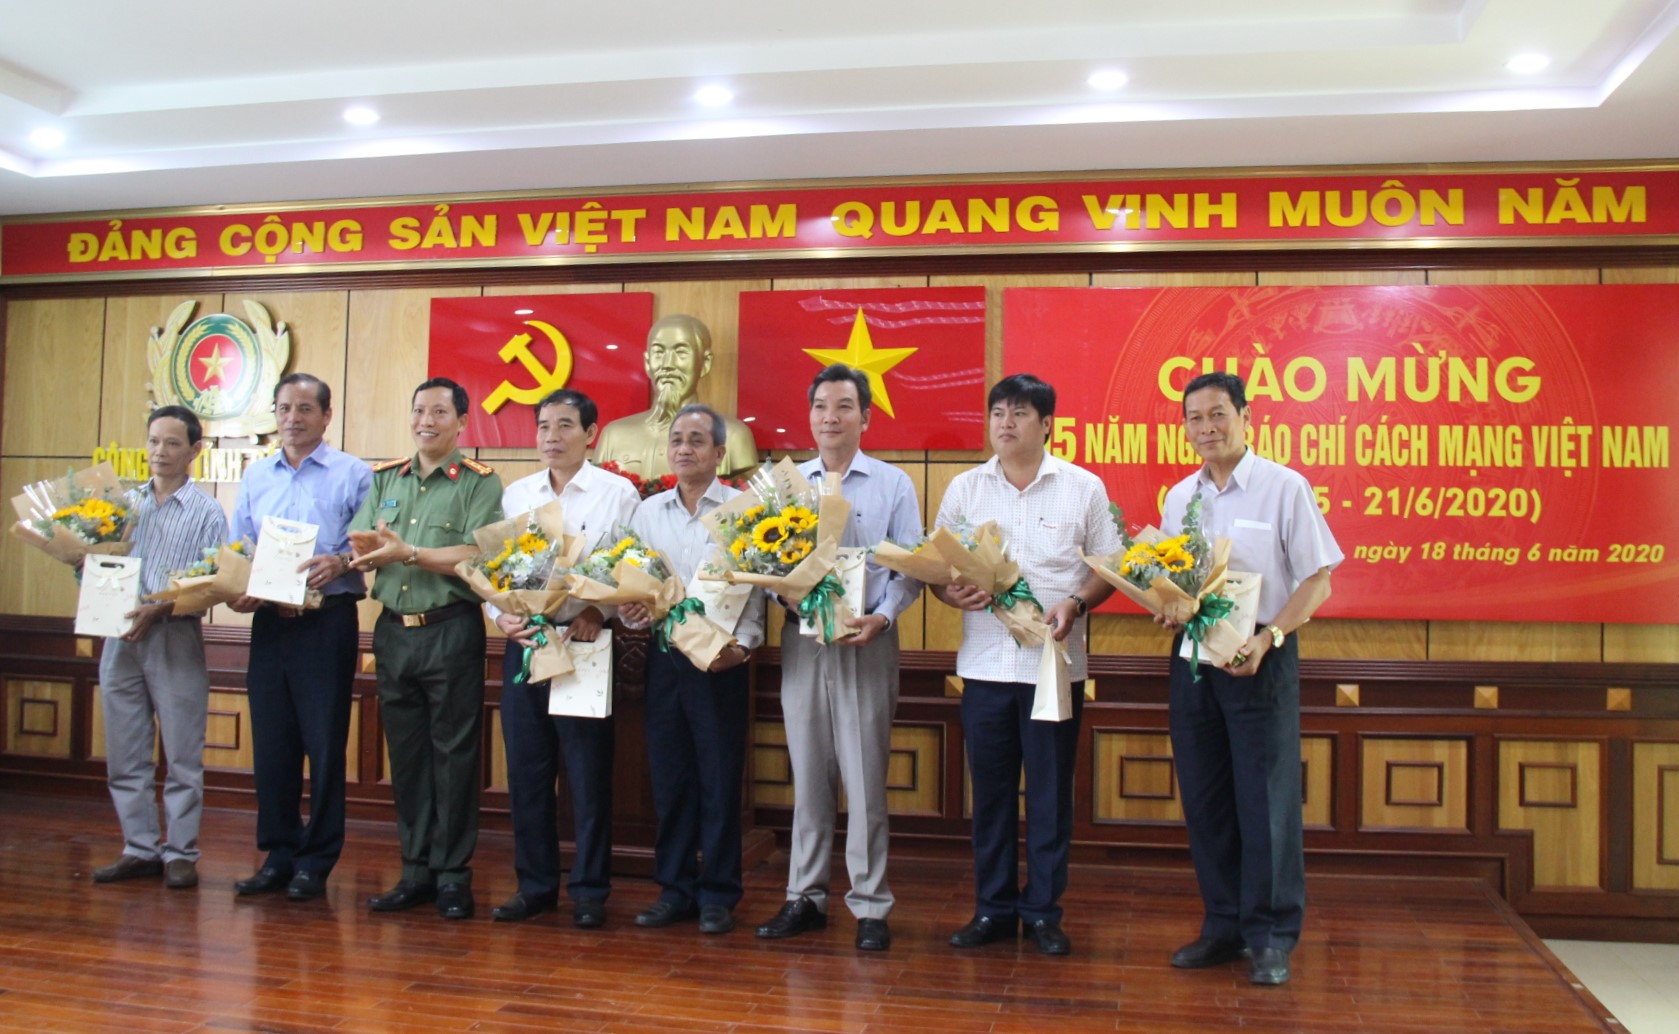 Công an tỉnh Đắk Lắk gặp mặt các cơ quan báo chí trên địa bàn nhân Kỷ niệm 95 năm Ngày Báo chí cách mạng Việt Nam